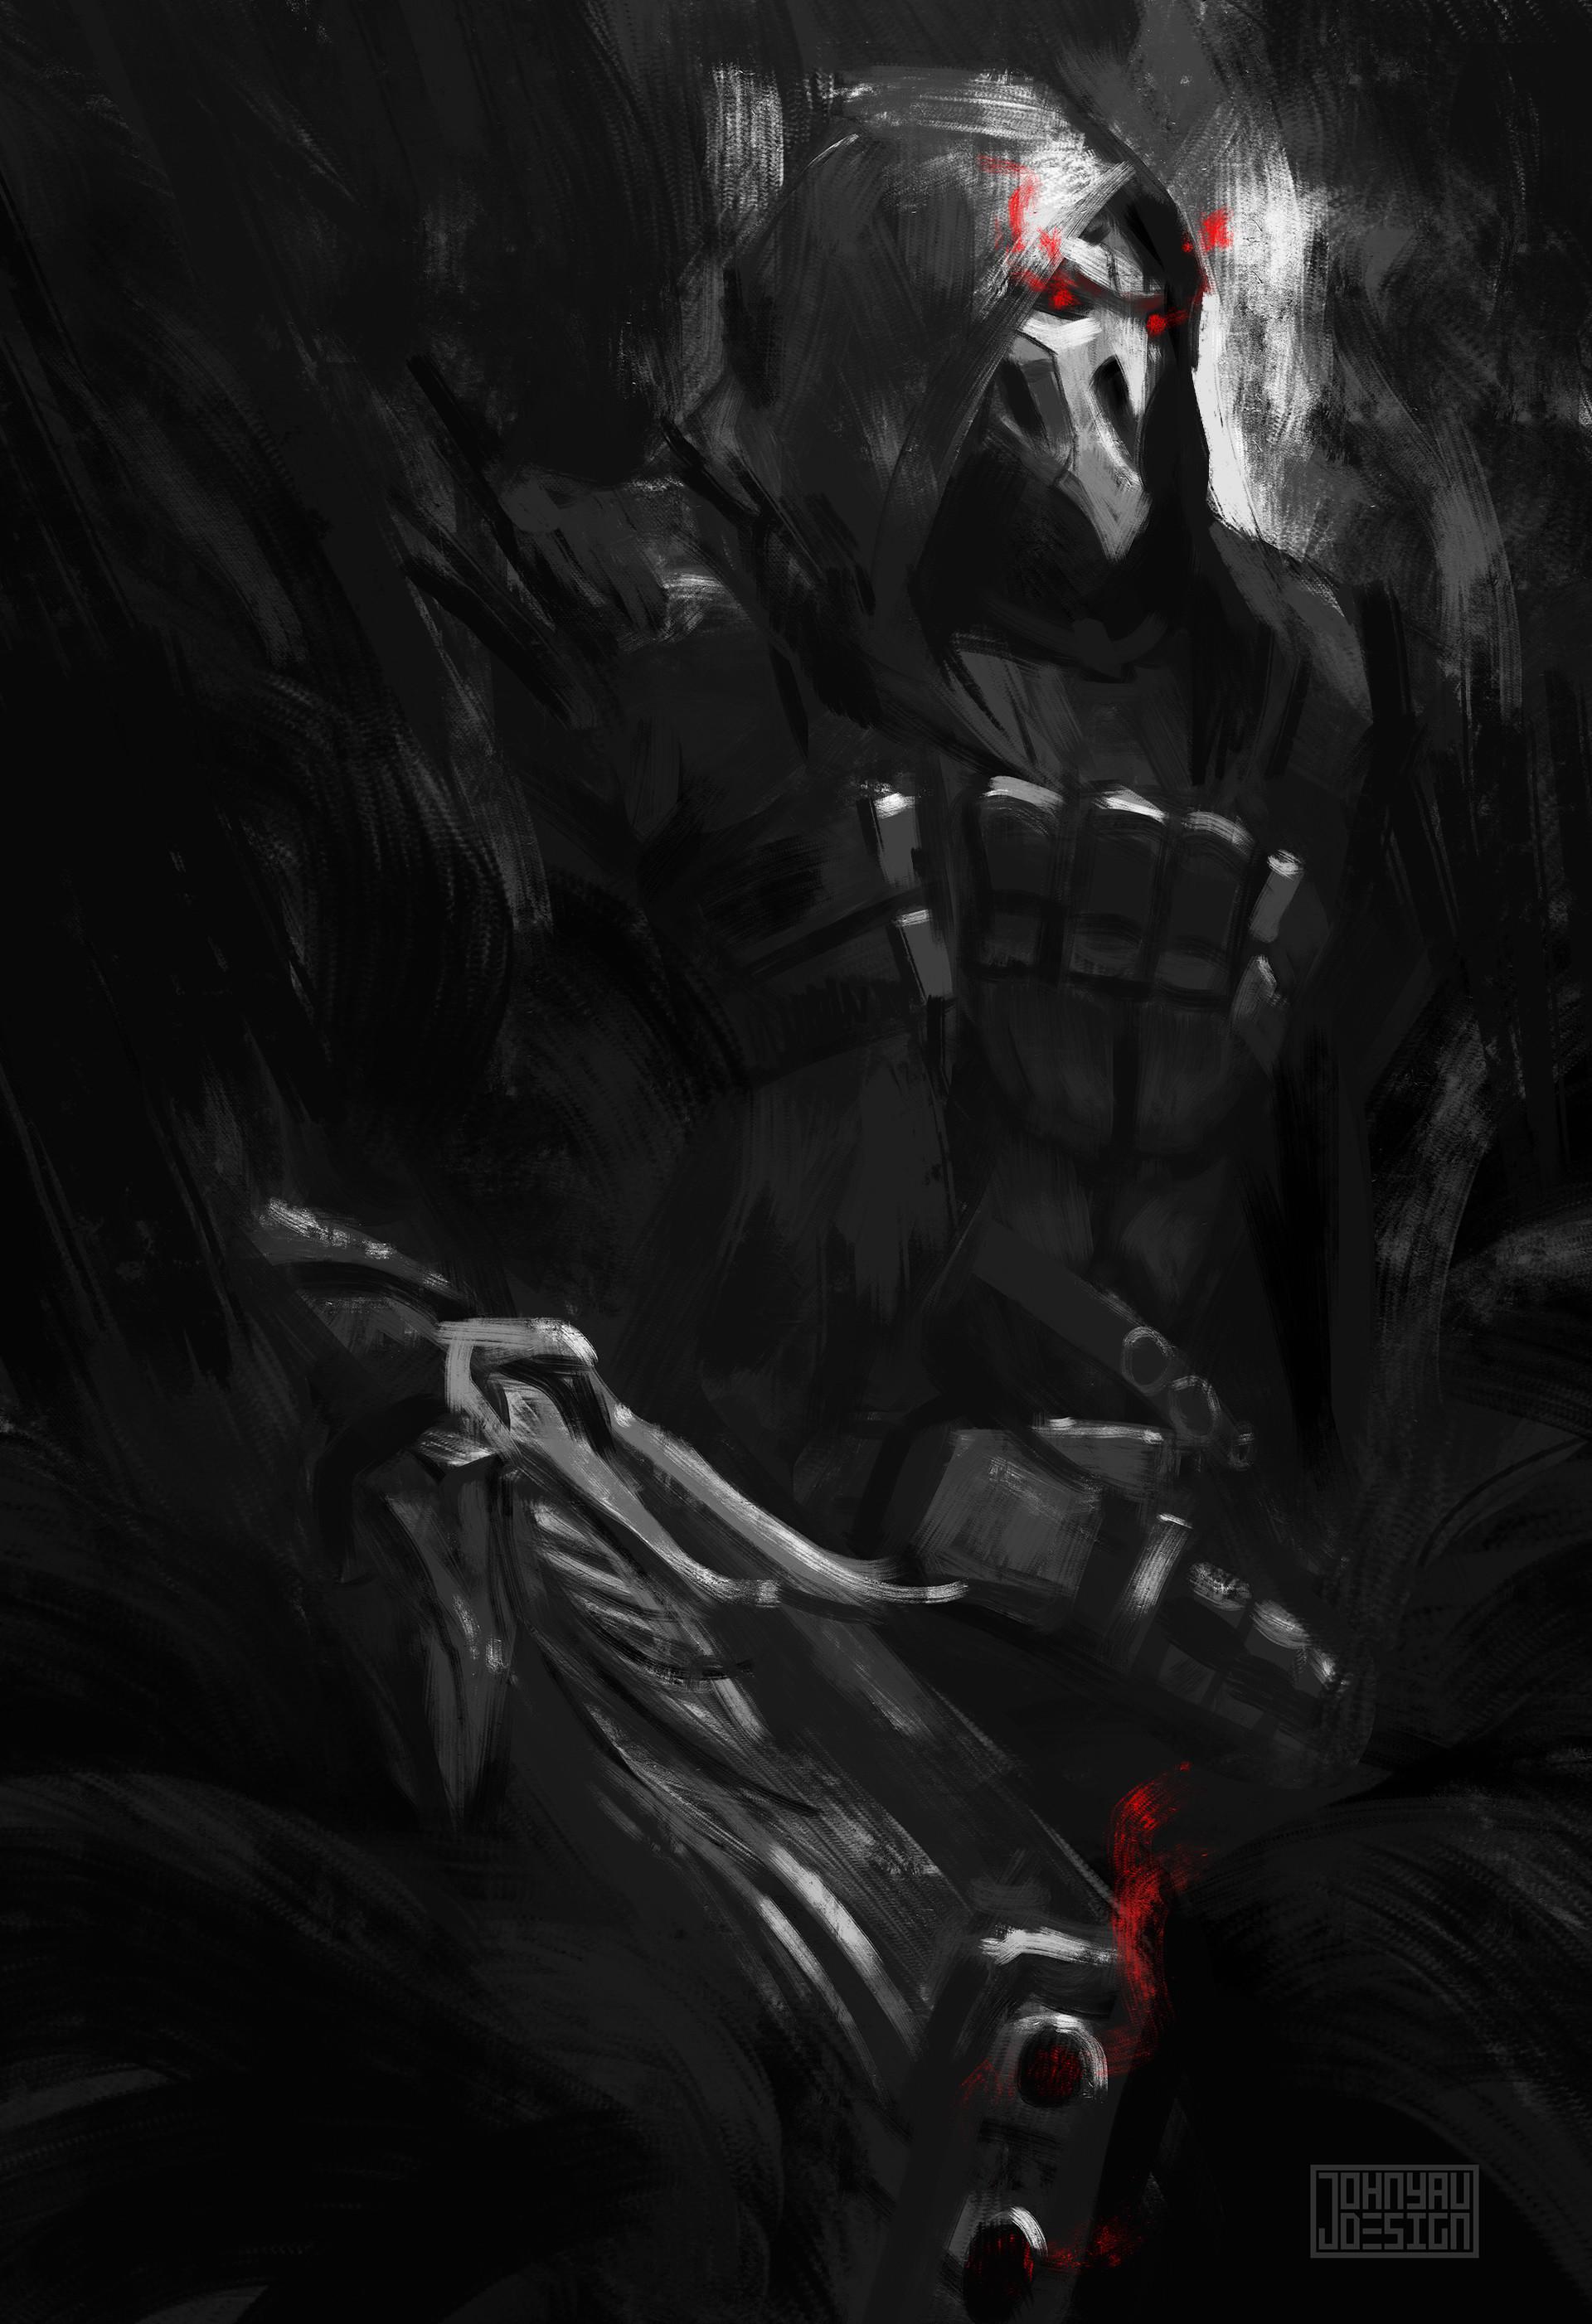 John yau reaper